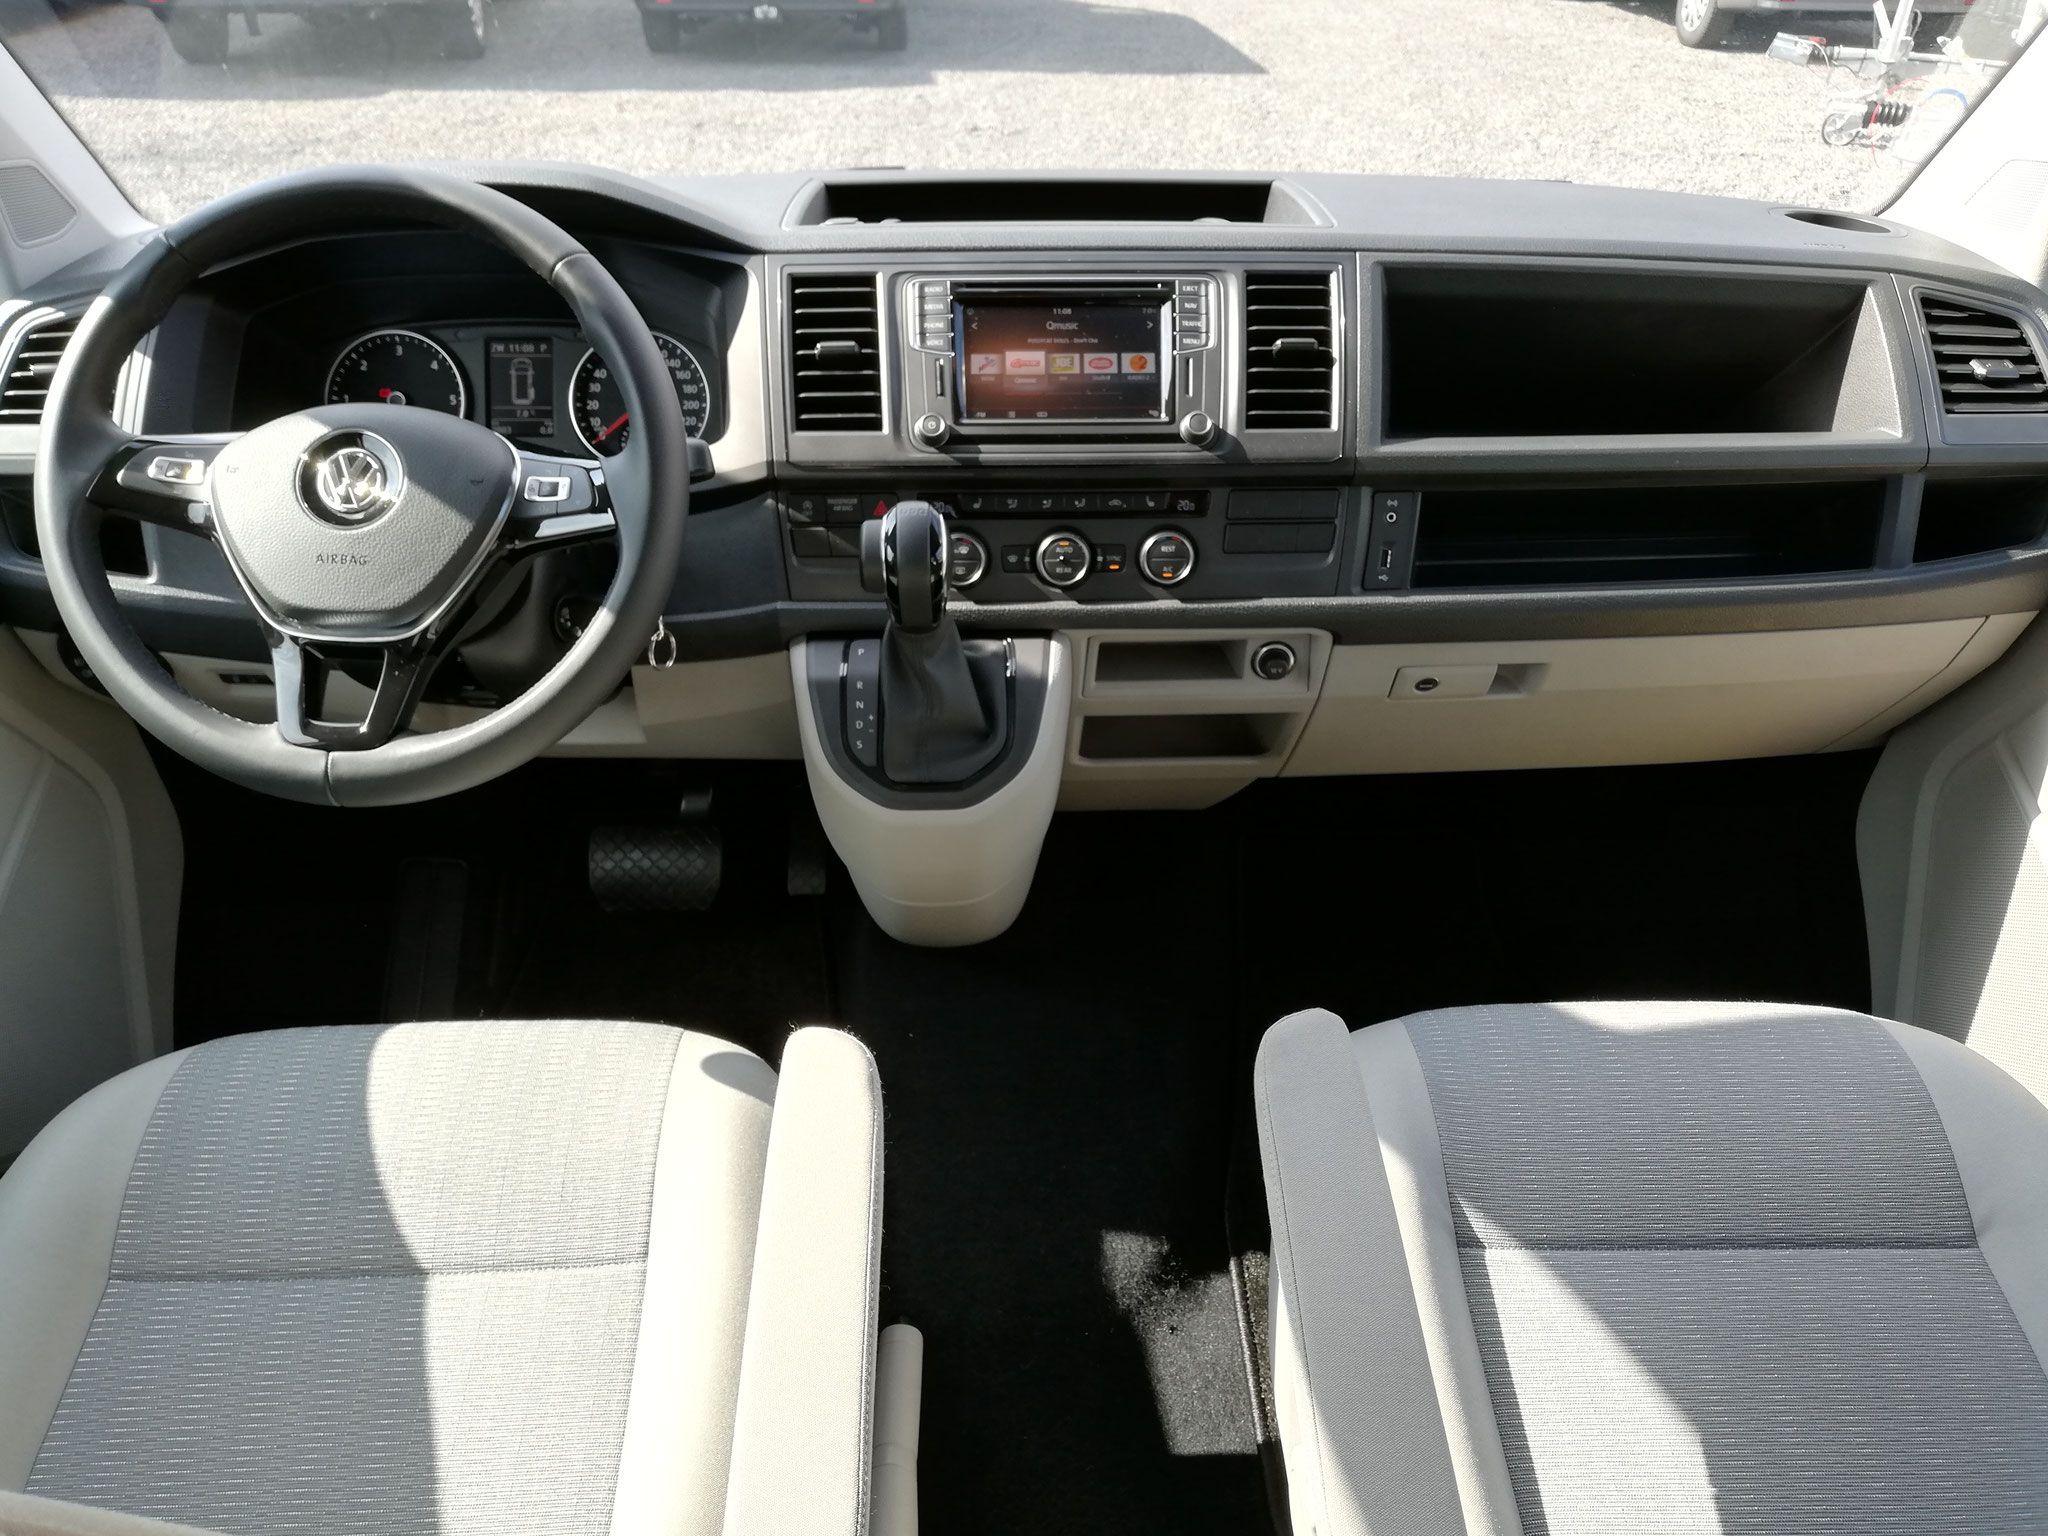 Volkswagen Caravelle T6 automaat (Luxe) -image (16).jpg